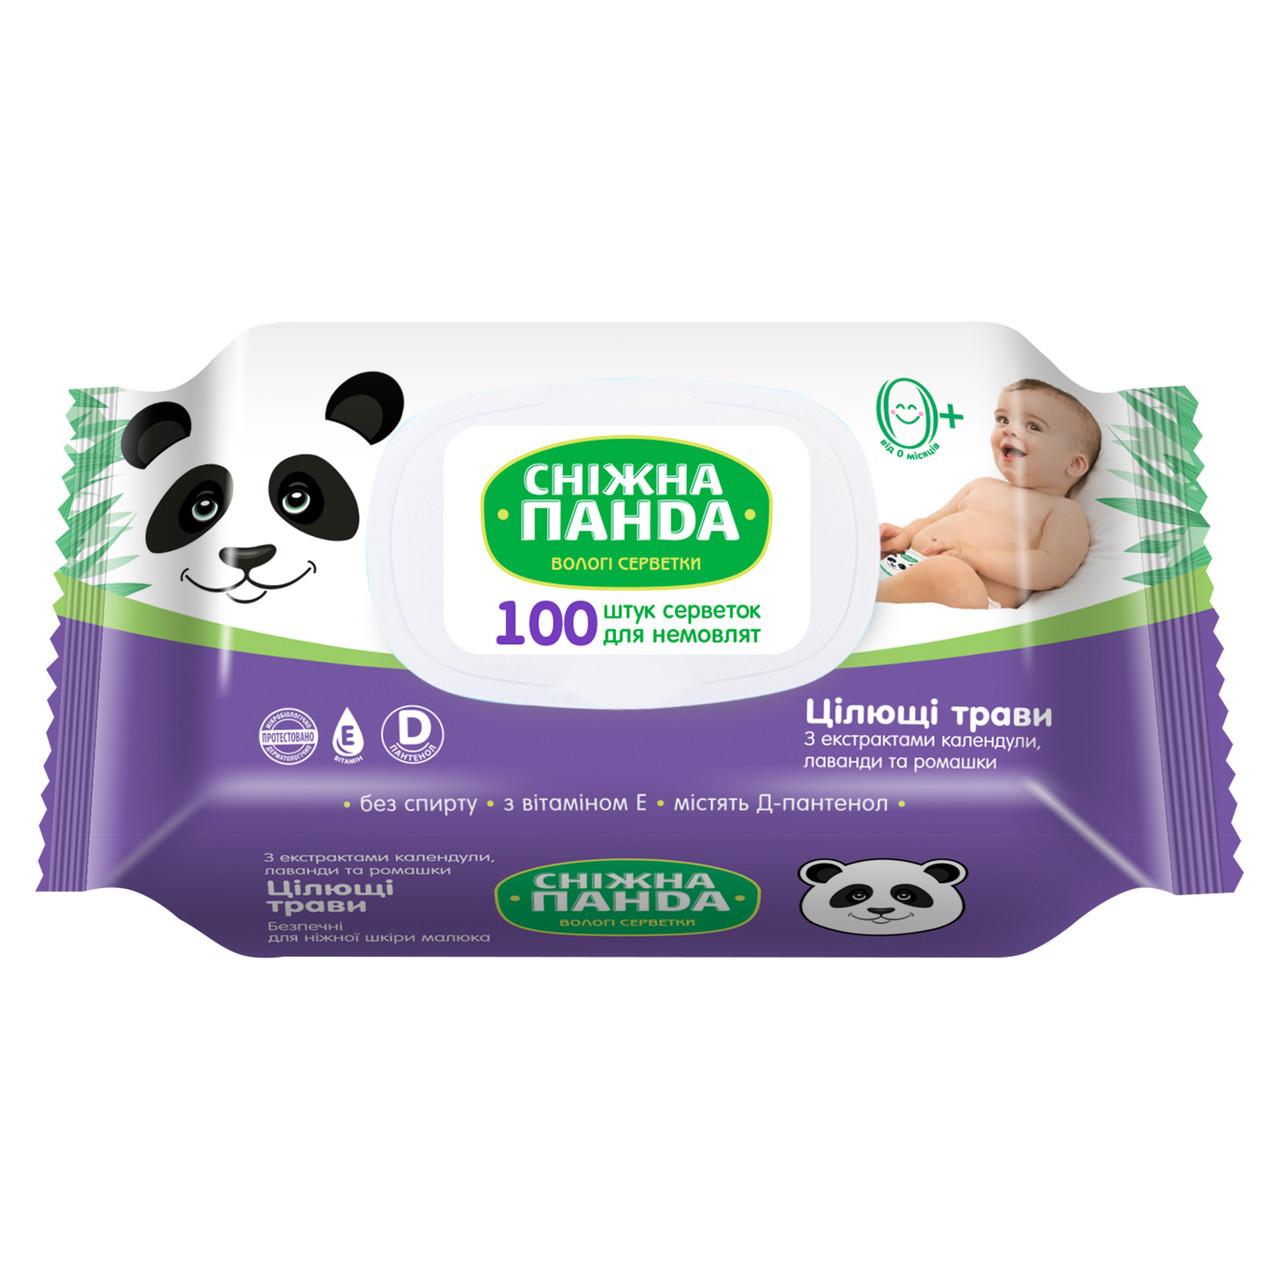 Сніжна панда в/с дНемов Цілющі трави 100